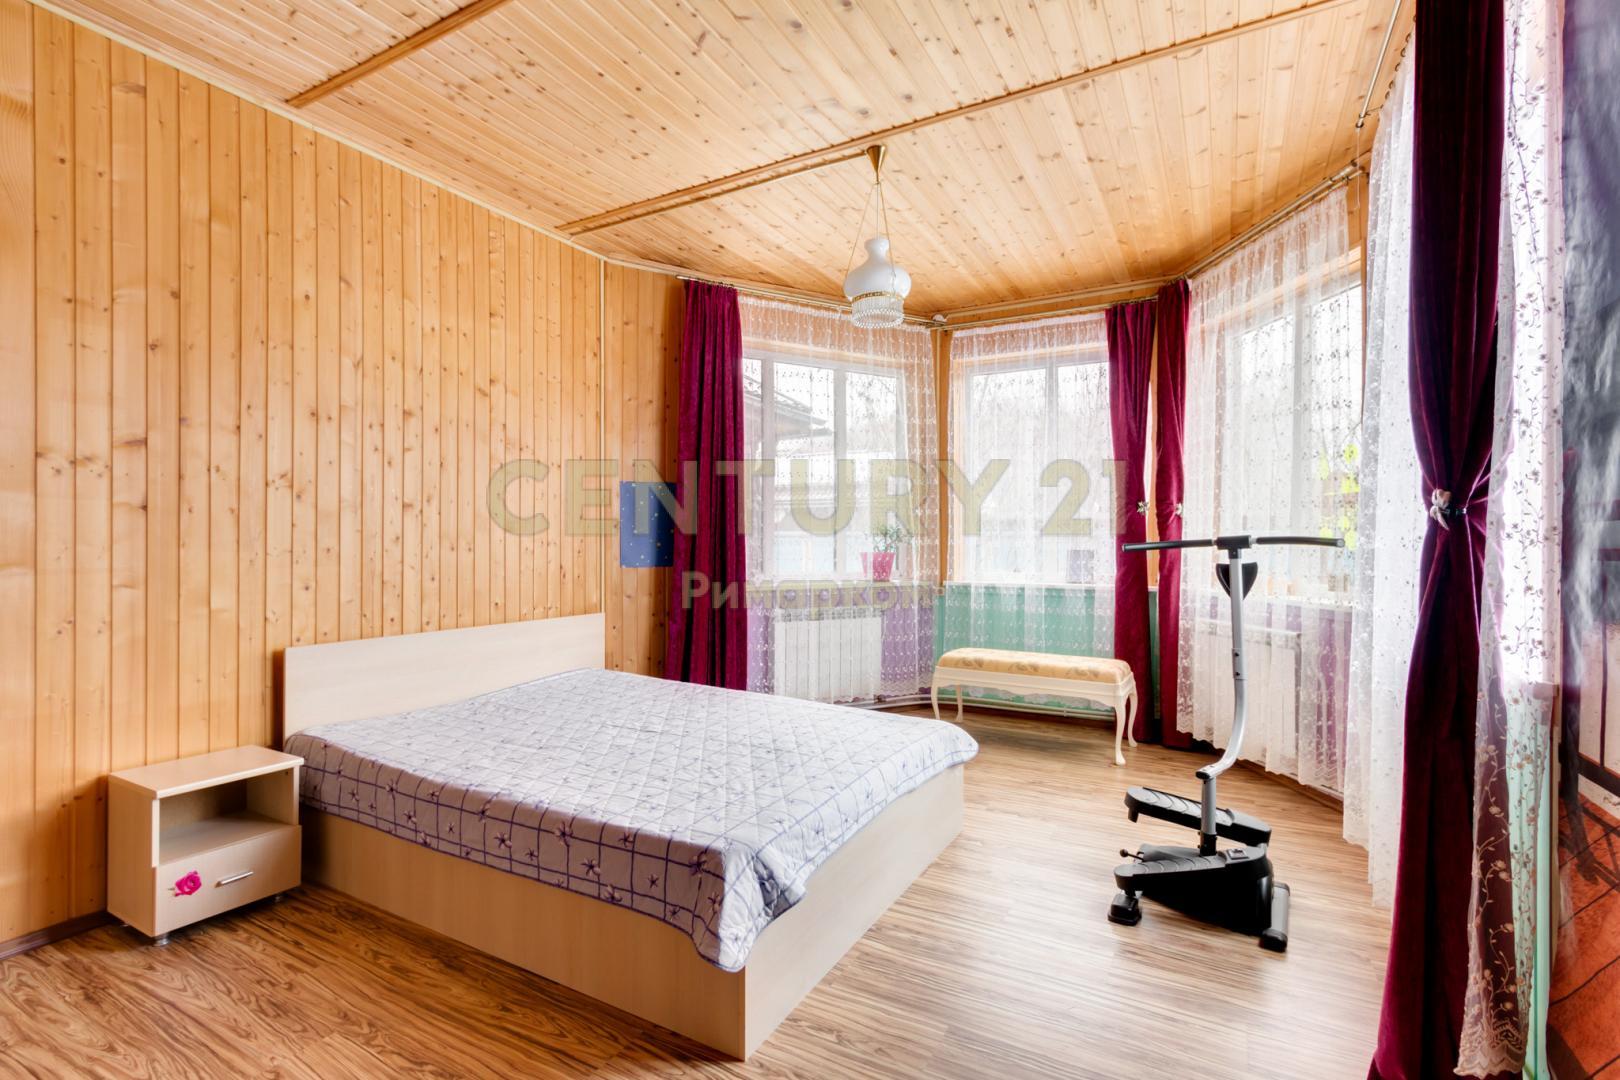 Продам дом по адресу Россия, Троицкий административный округ, Каменка фото 13 по выгодной цене